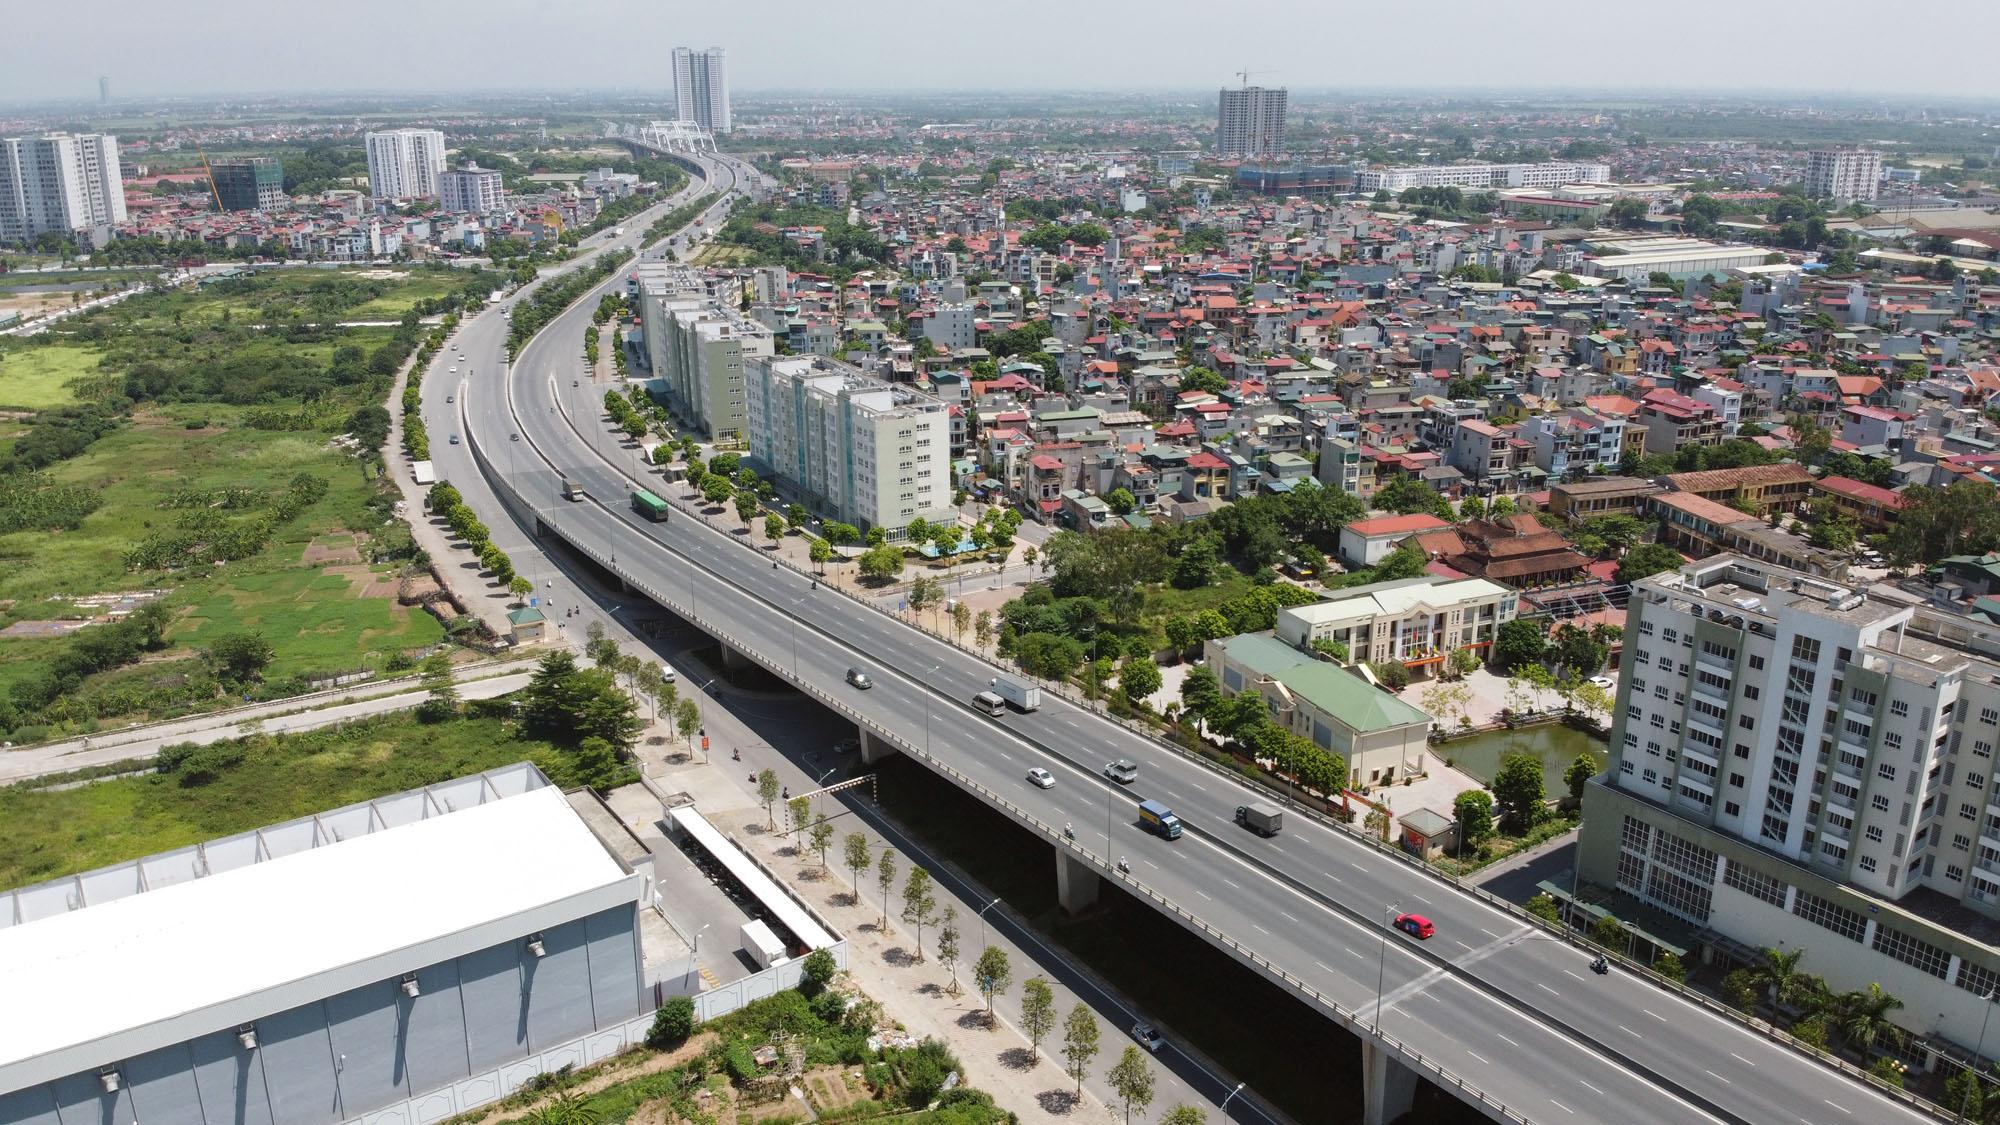 Dự án Eurowindow River Park đang mở bán: Cửa ngõ Đông Bắc Hà Nội, view hai sông lớn - Ảnh 11.